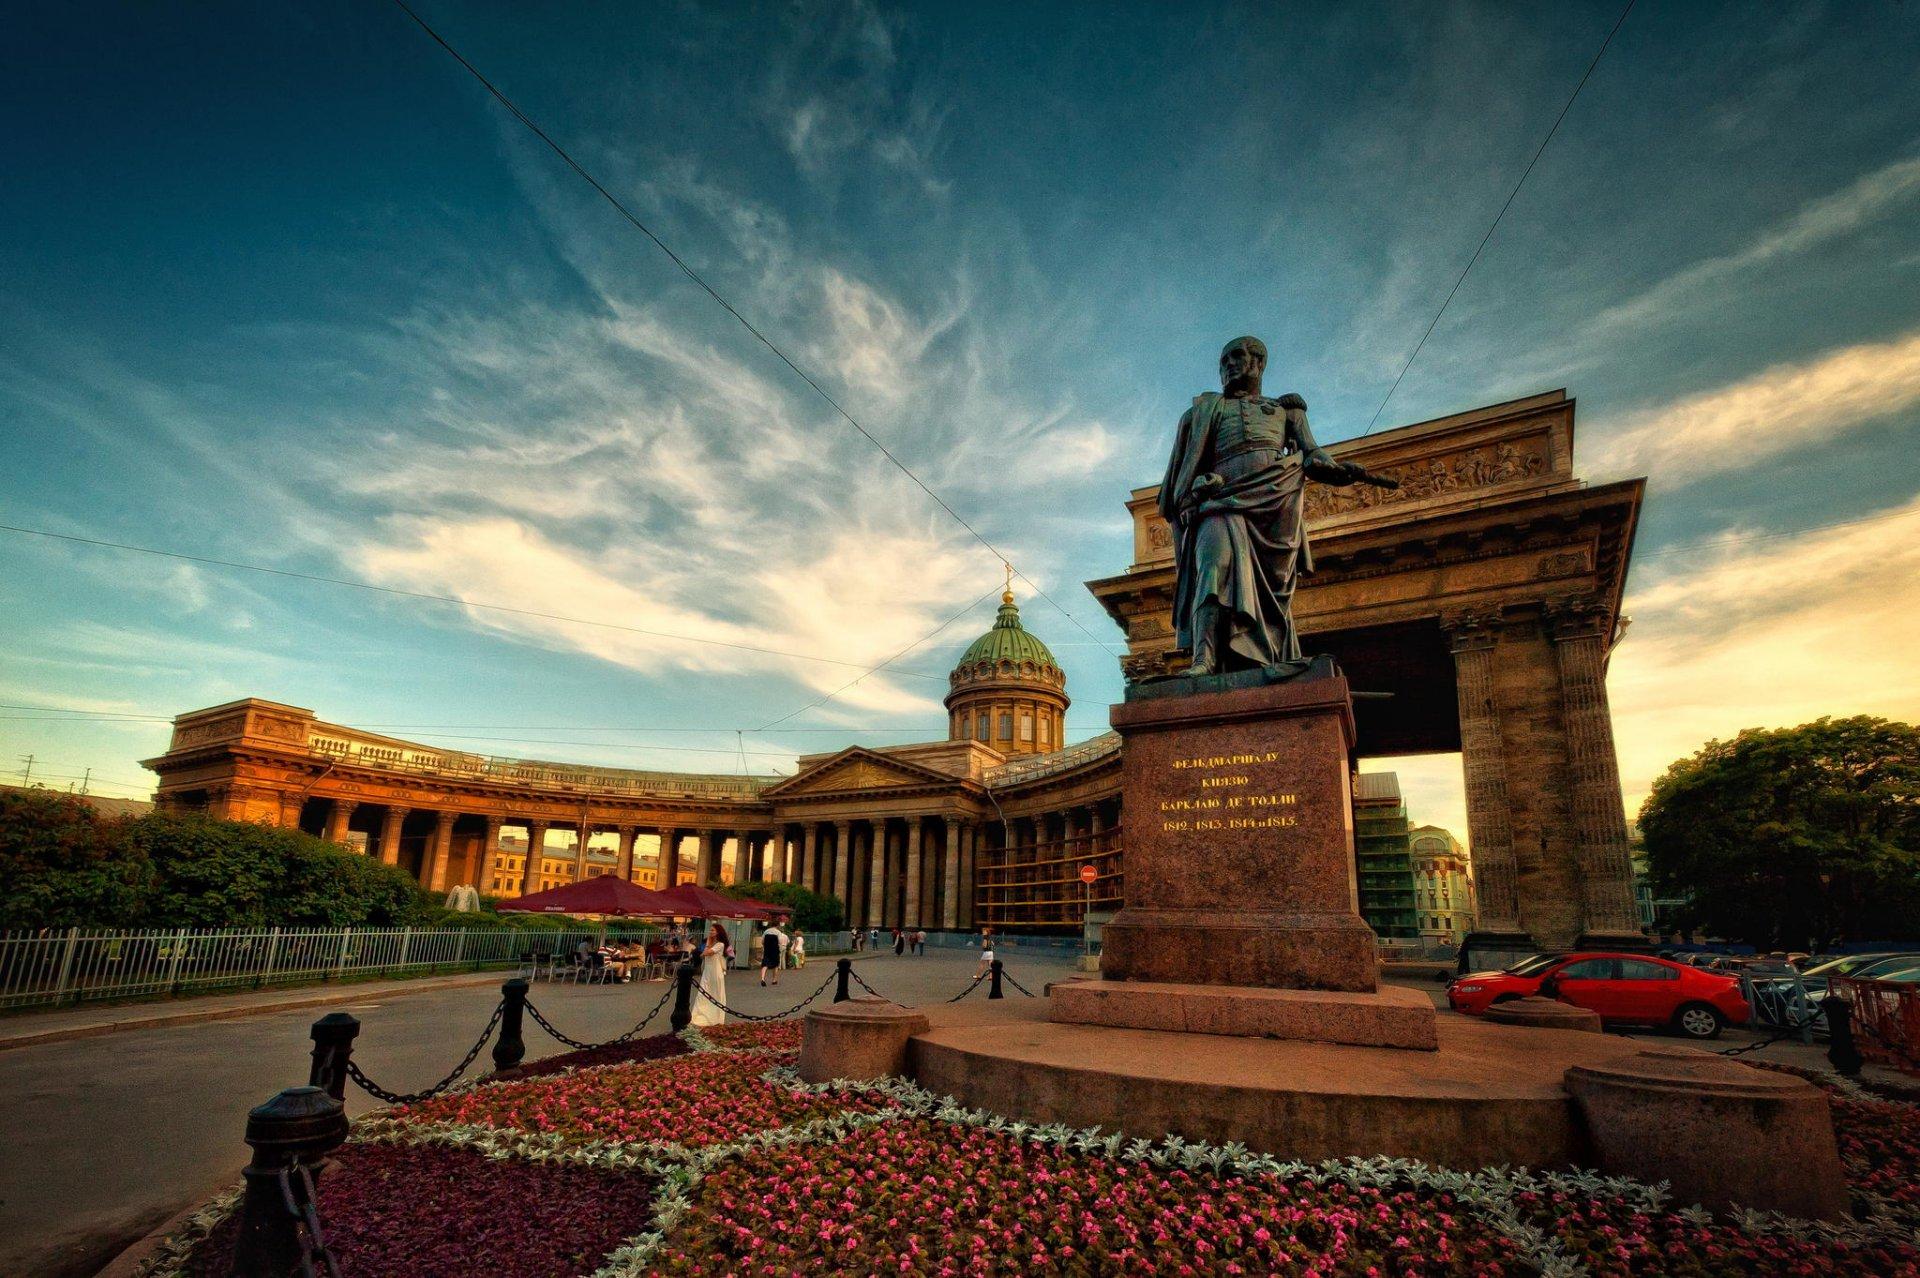 Картинки города россии с названиями, февраля